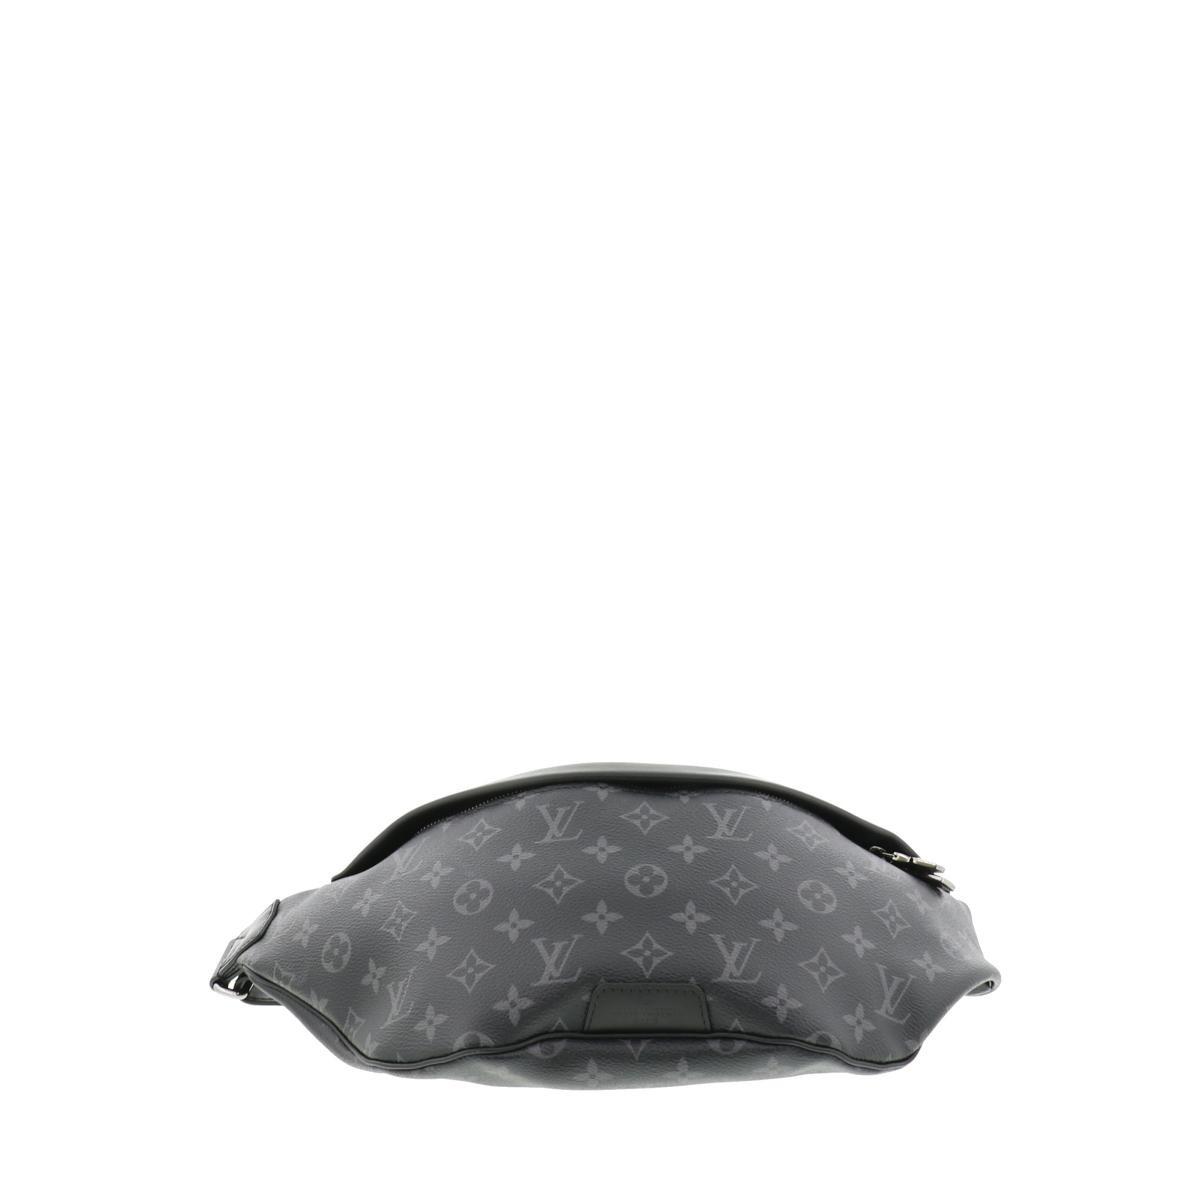 【中古】LOUIS VUITTON (ルイヴィトン) ディスカバリー・バムバッグ バッグ ウェスト/ボディバッグ Monogram Eclipse Black/ブラック M44336 used:A